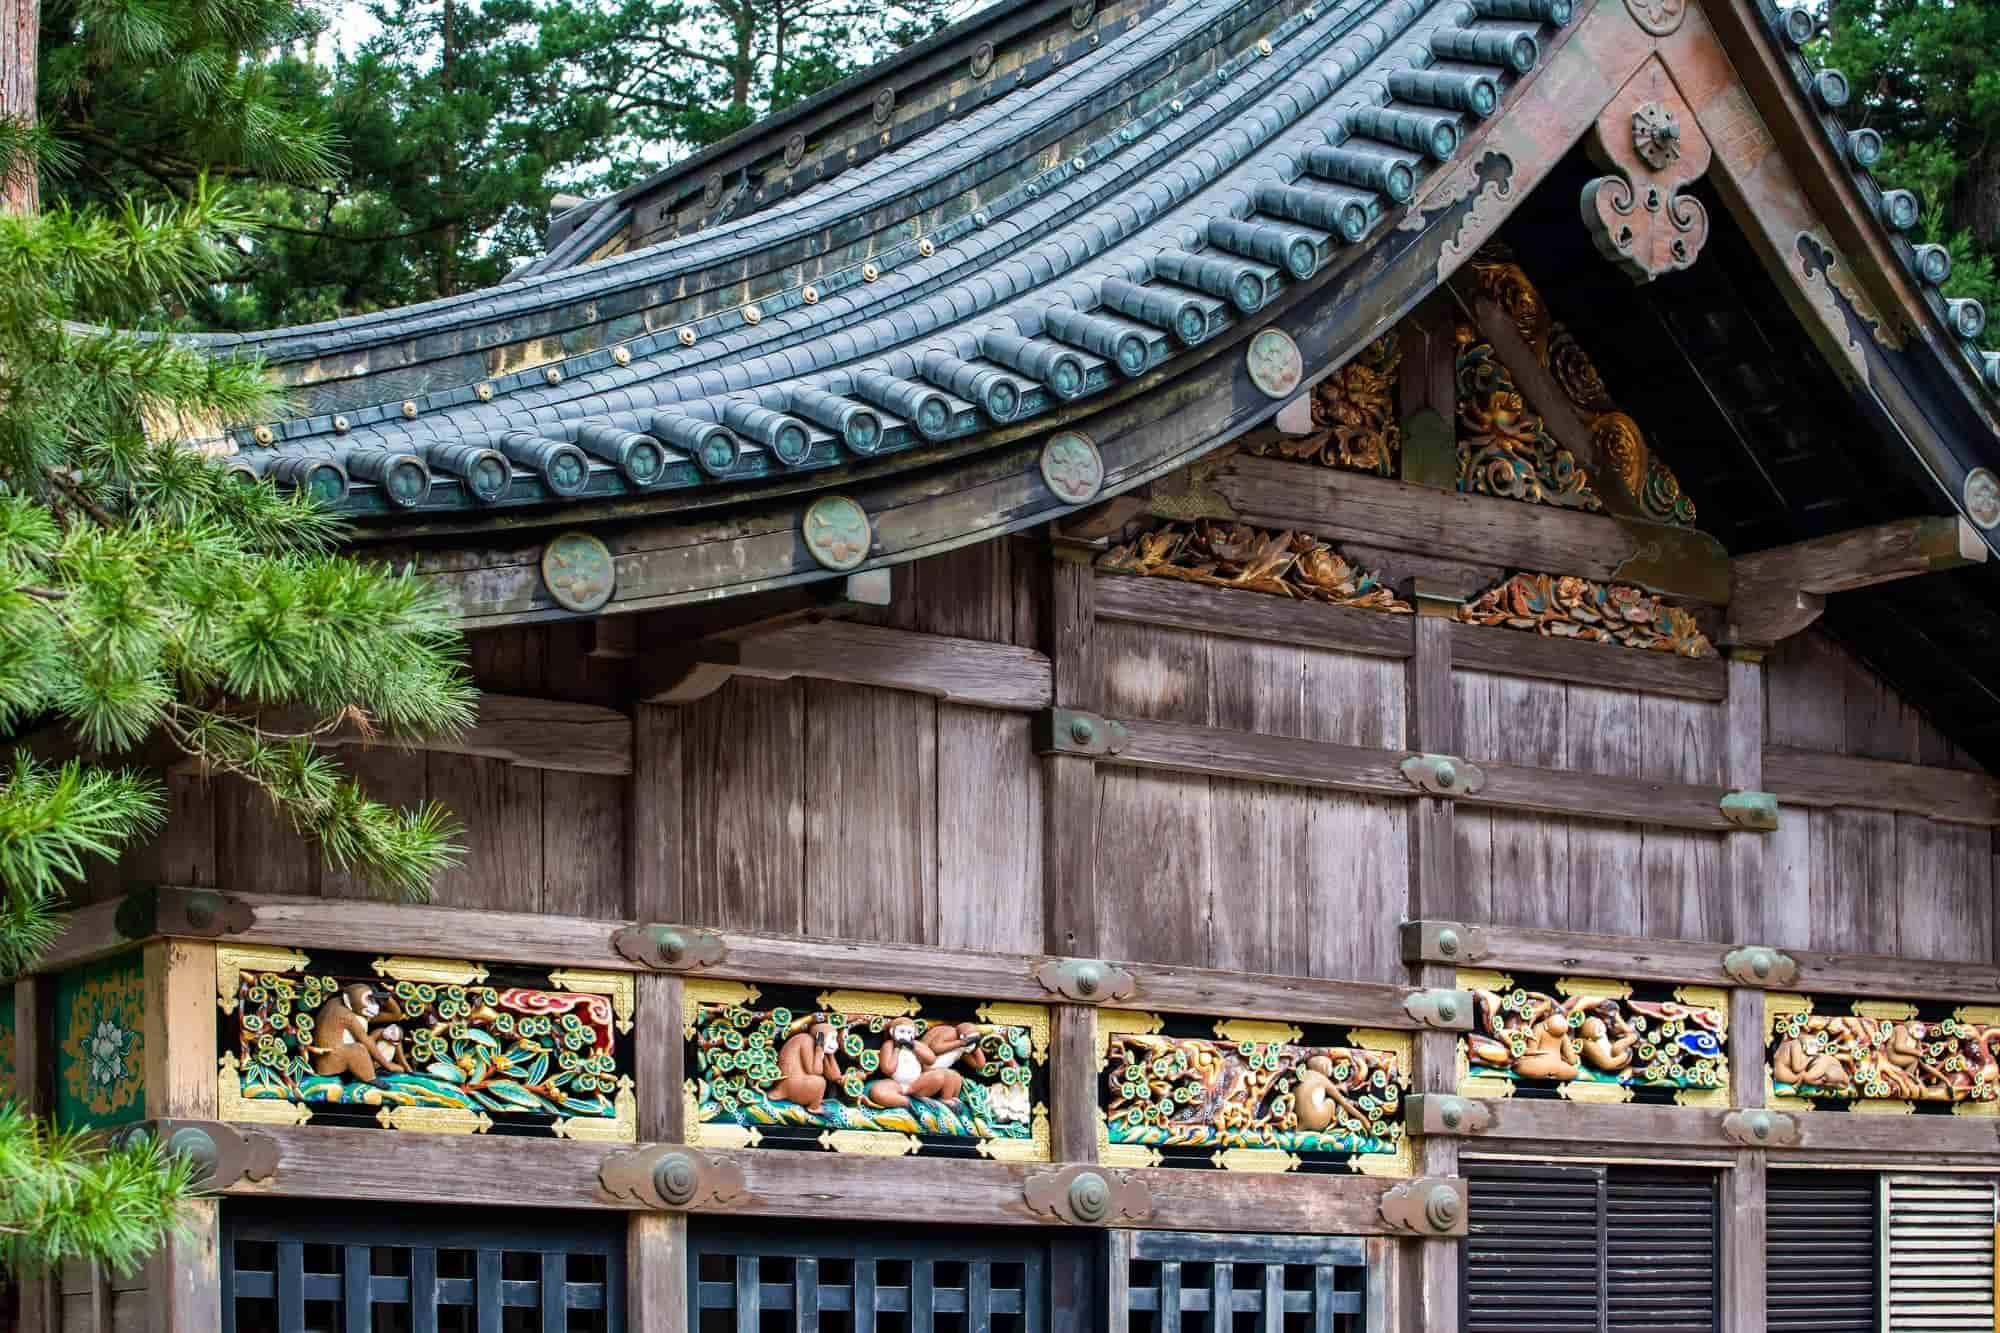 The three wise monkeys of the Nikko Tosho-gu Shrine